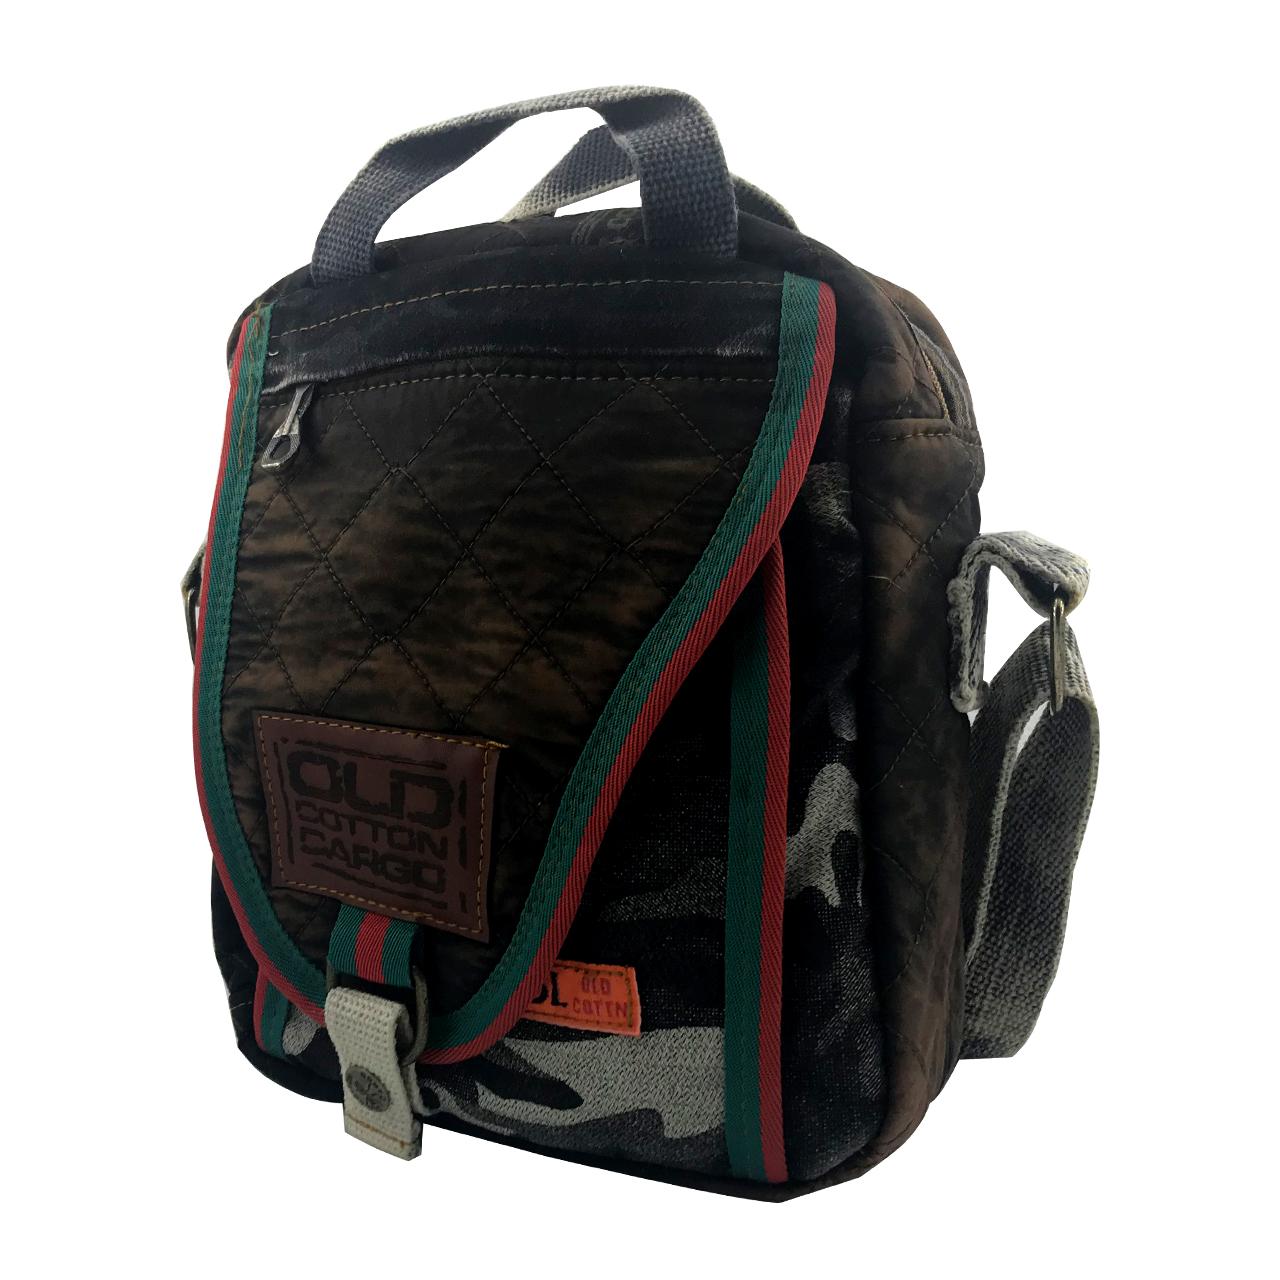 کیف رو دوشی اولد کتان کارگو مدل OC110